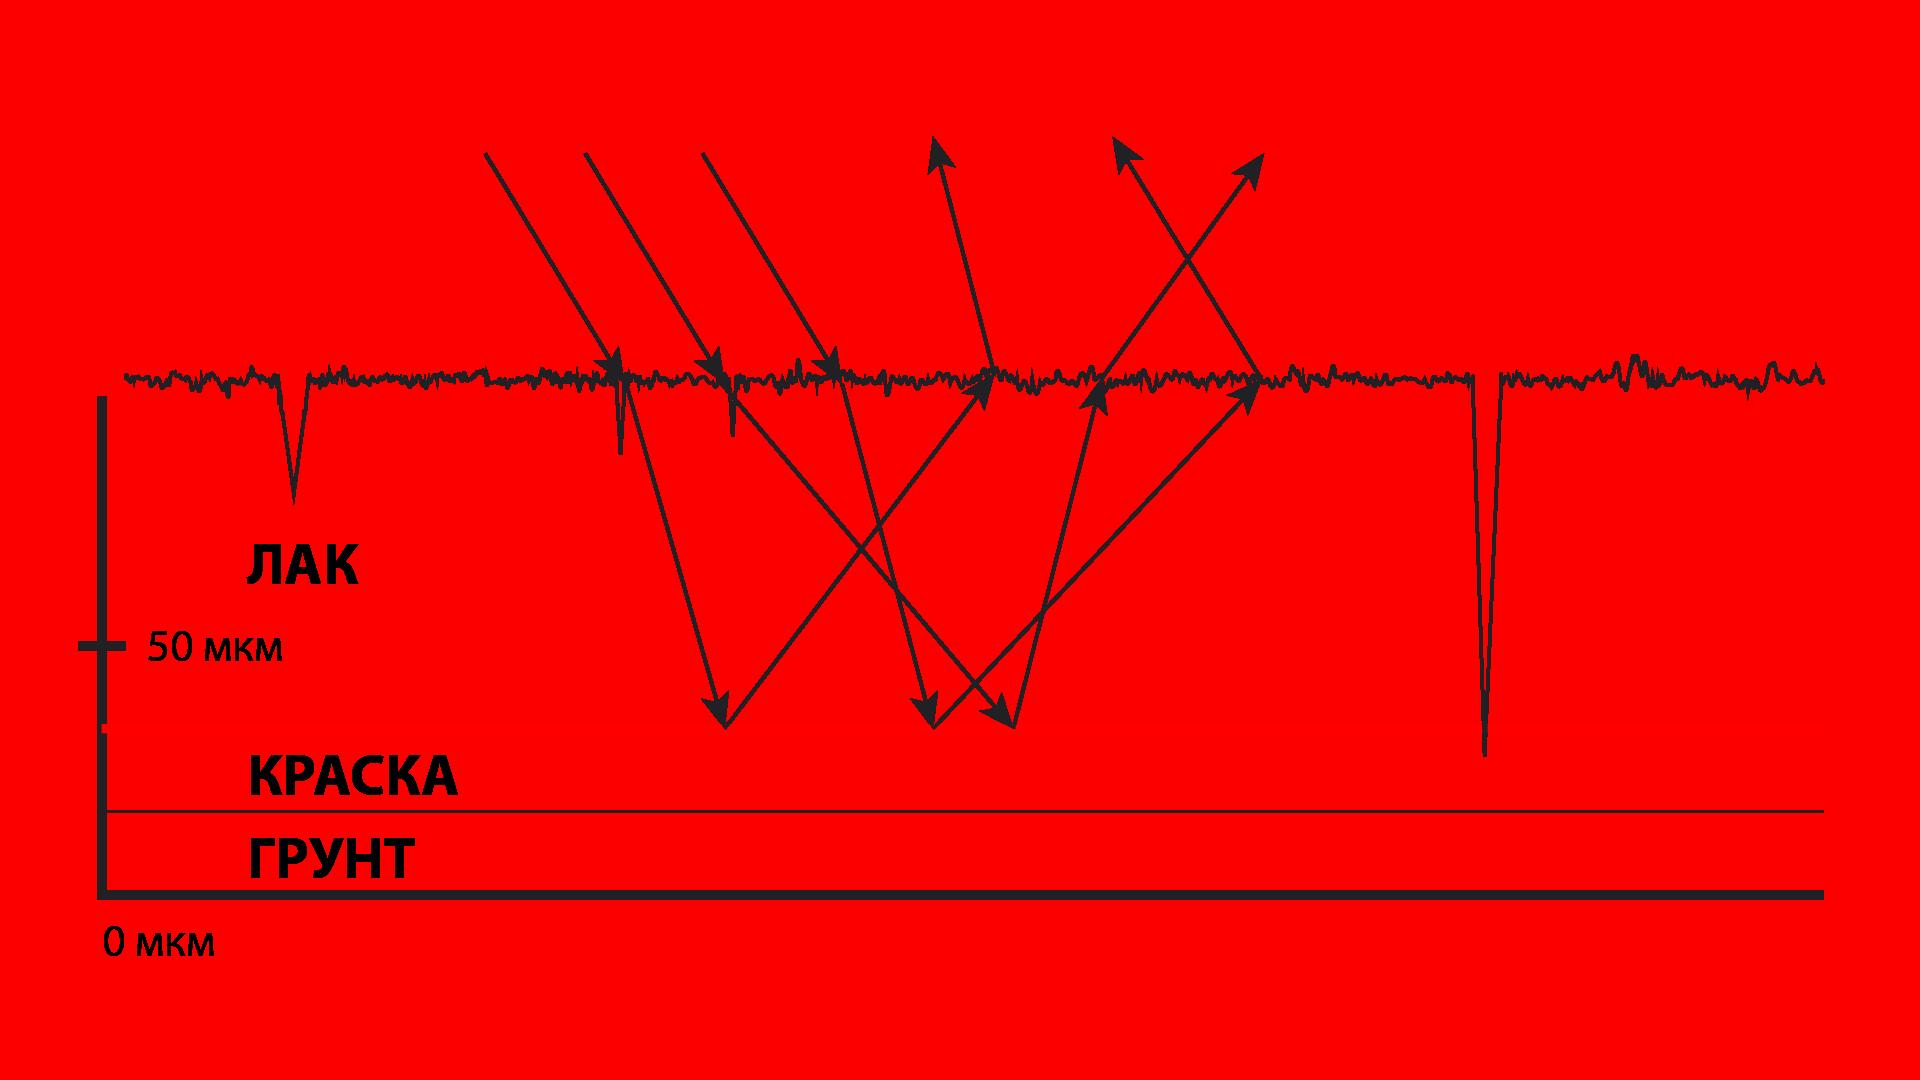 Как проходит свет через поврежденный лак